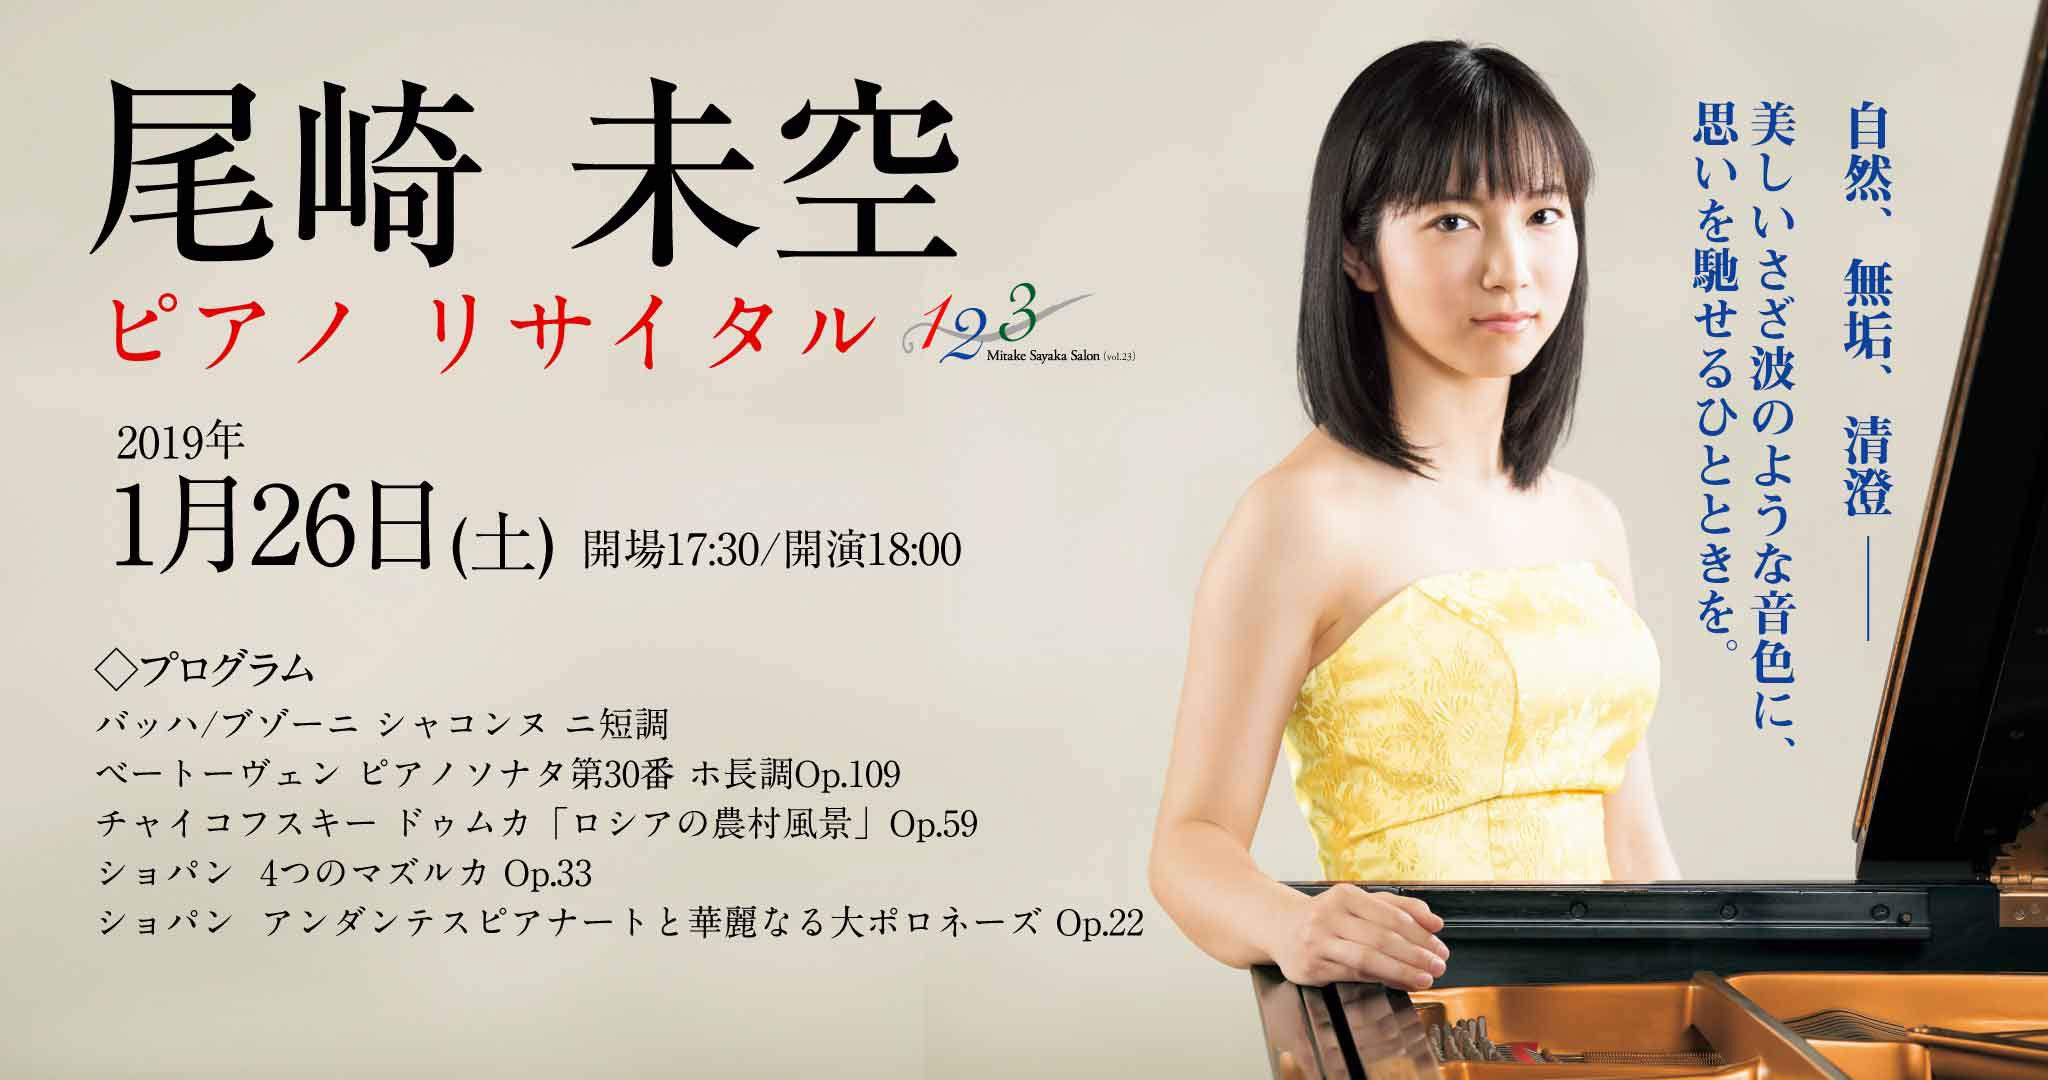 1月26日18:00~ 尾崎未空ピアノリサイタル